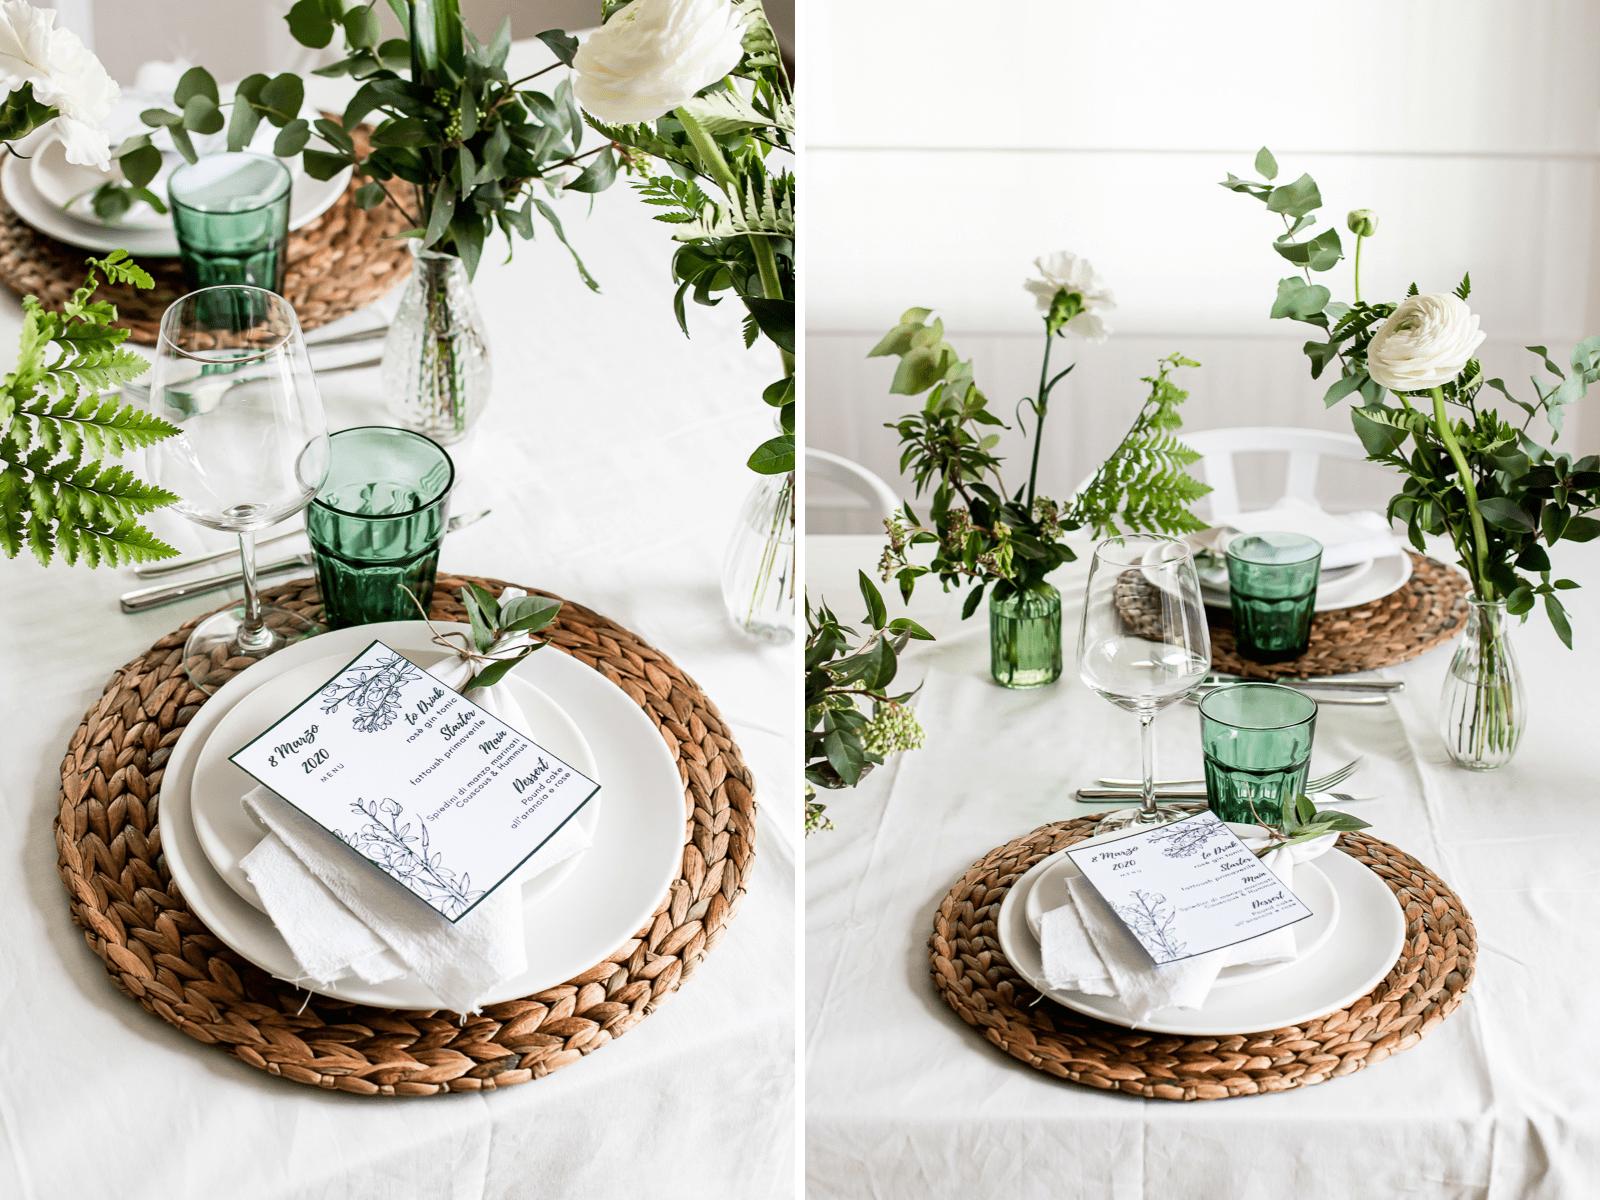 allestimento per tavola primaverile per 8 marzo con fiori bianchi e verde